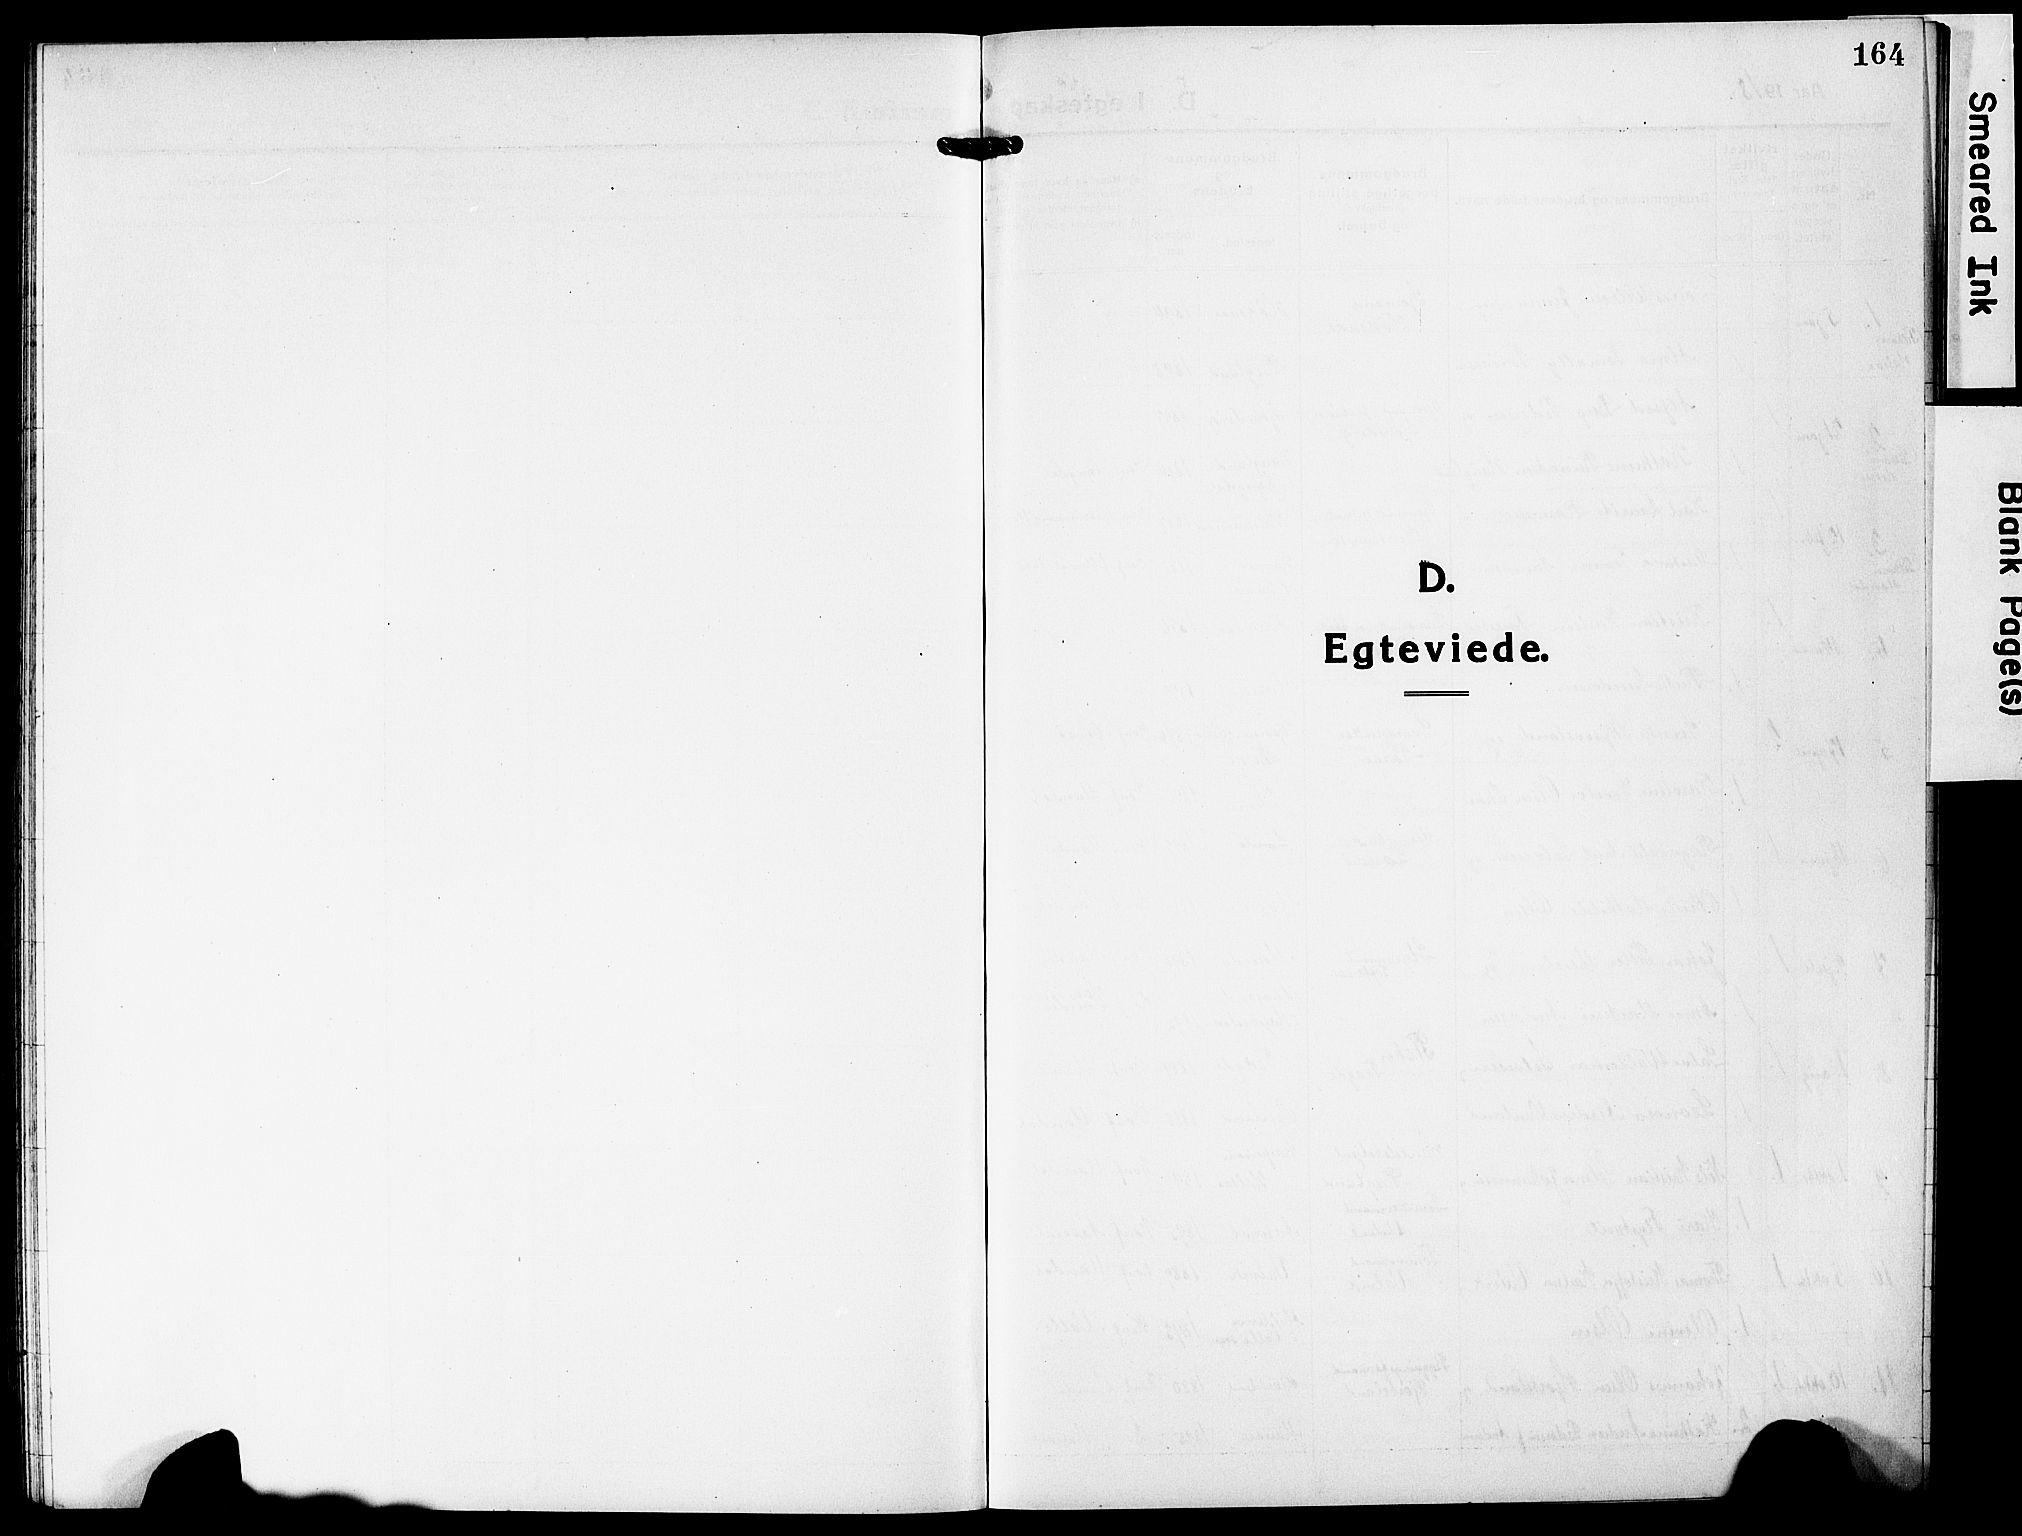 SAK, Mandal sokneprestkontor, F/Fb/Fba/L0013: Klokkerbok nr. B 7, 1918-1931, s. 164